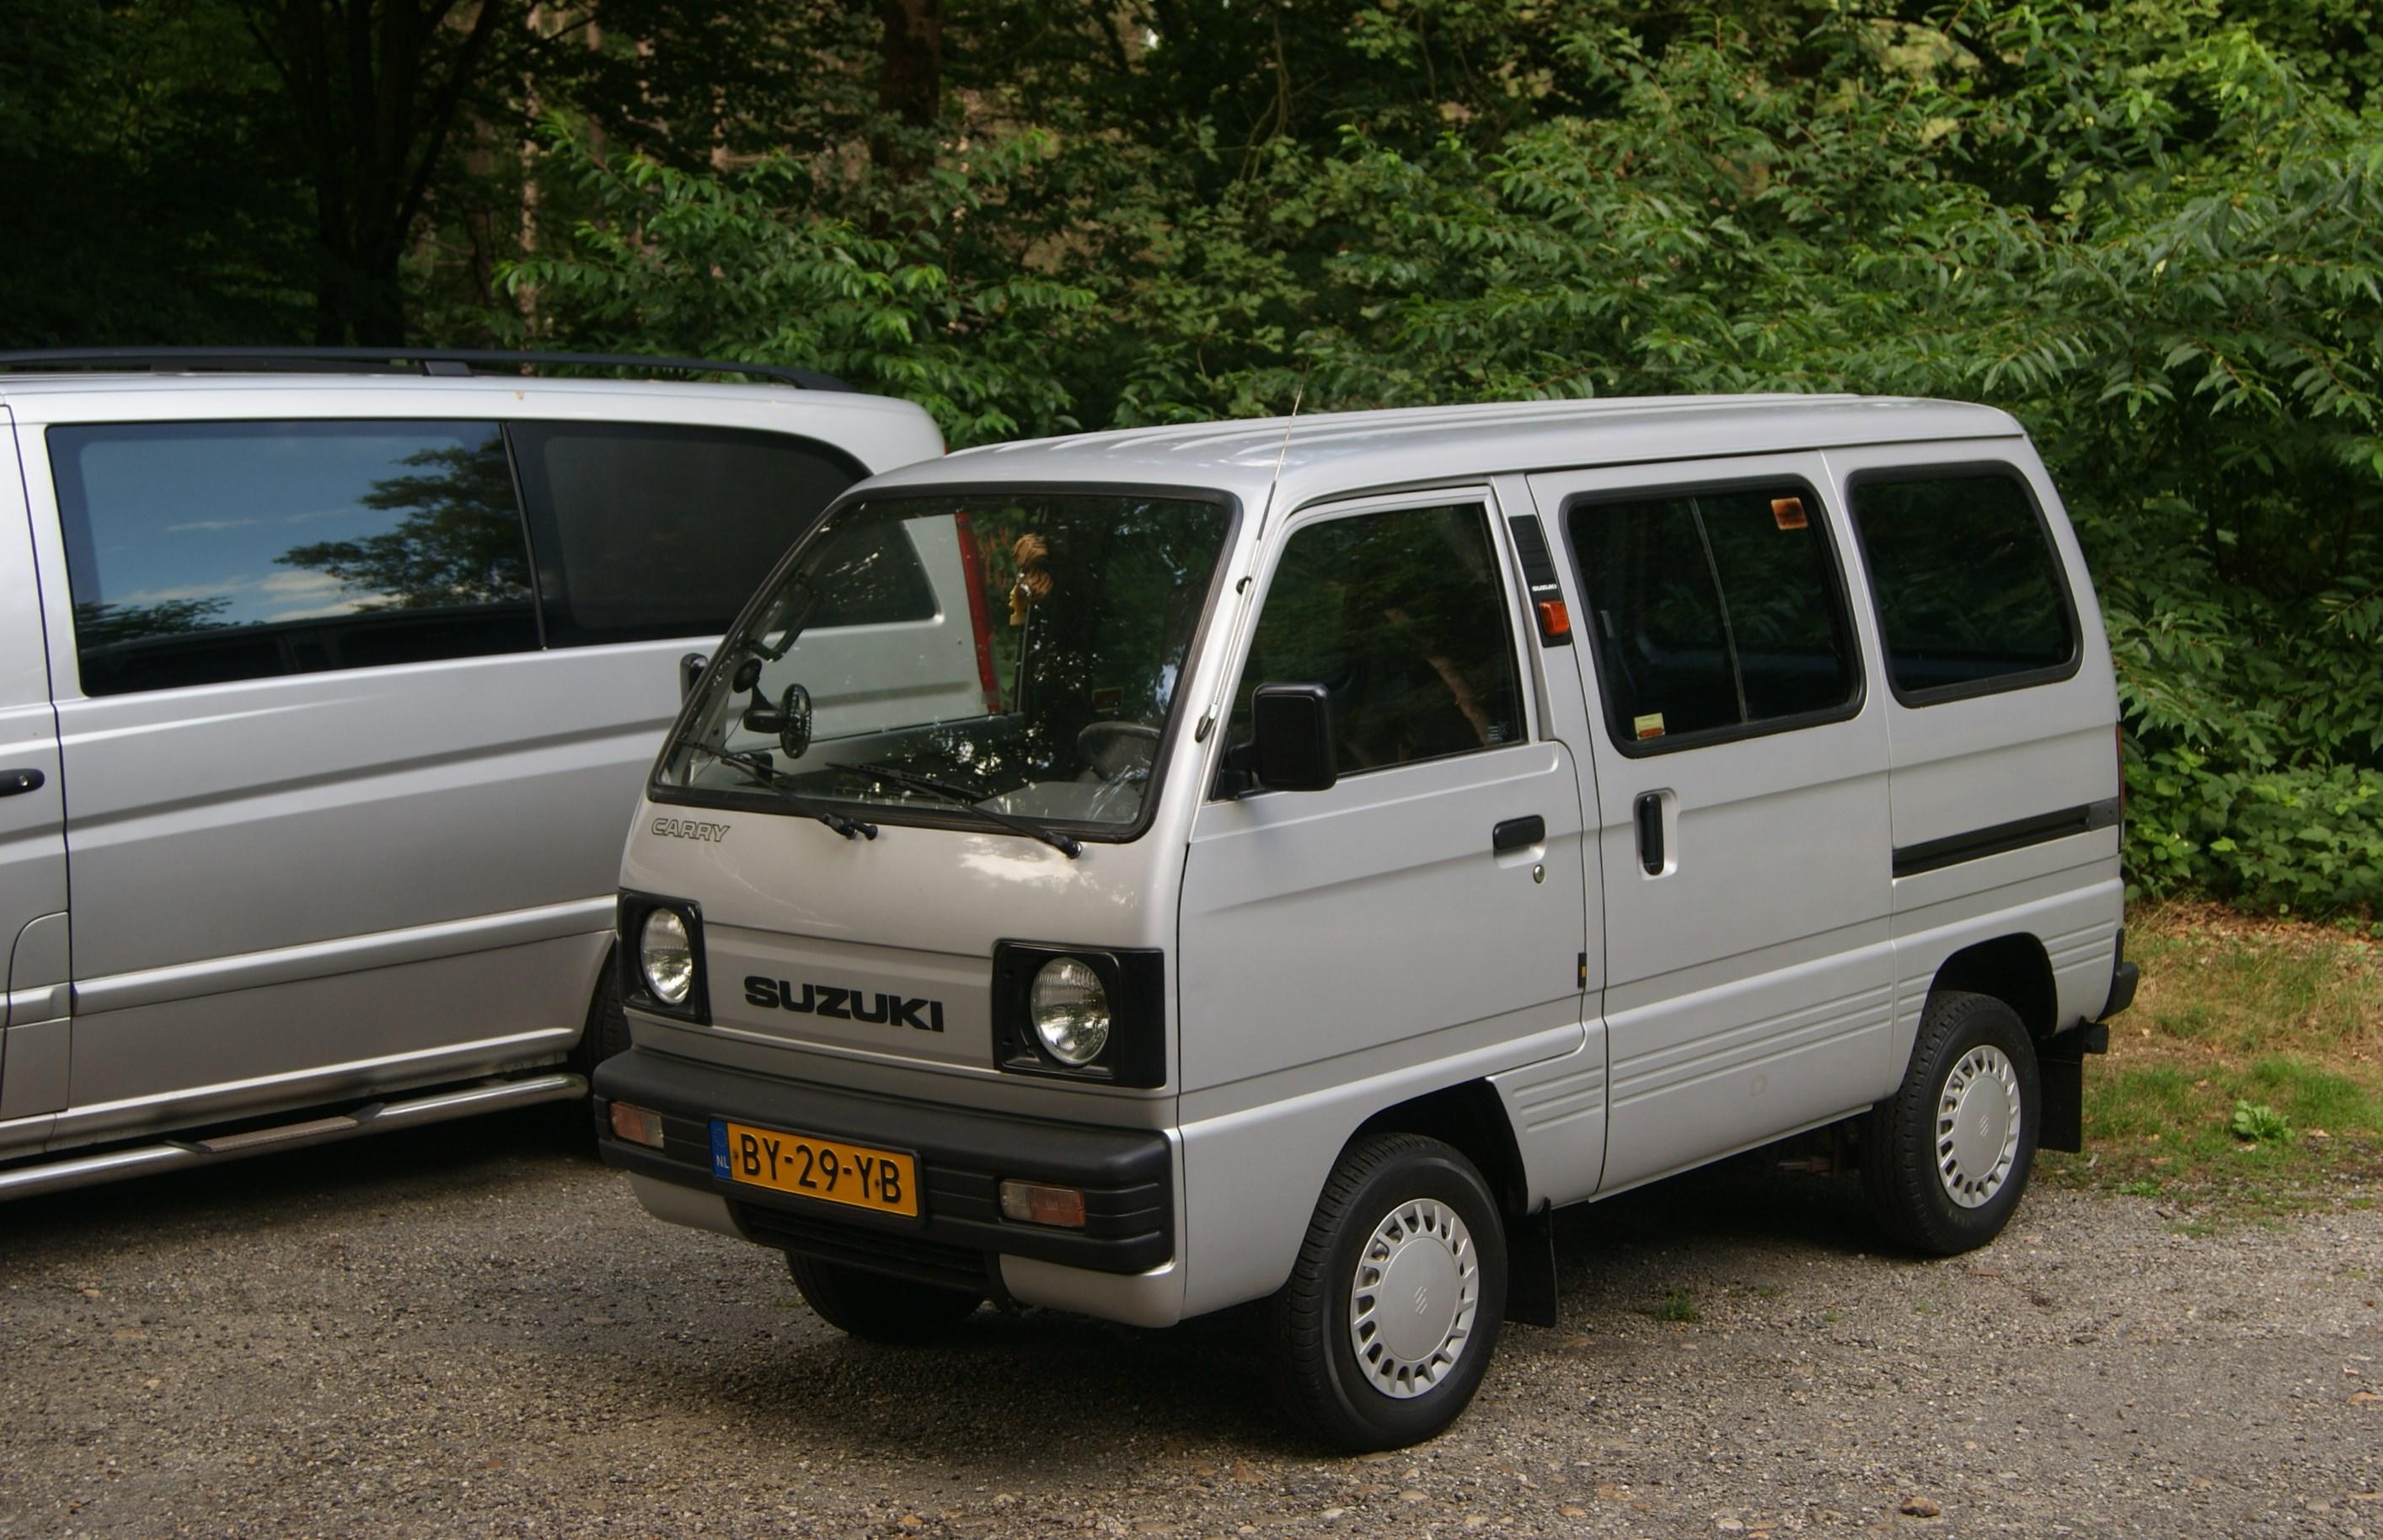 File:1987 Suzuki Carry Van (9545237774).jpg - Wikimedia Commons